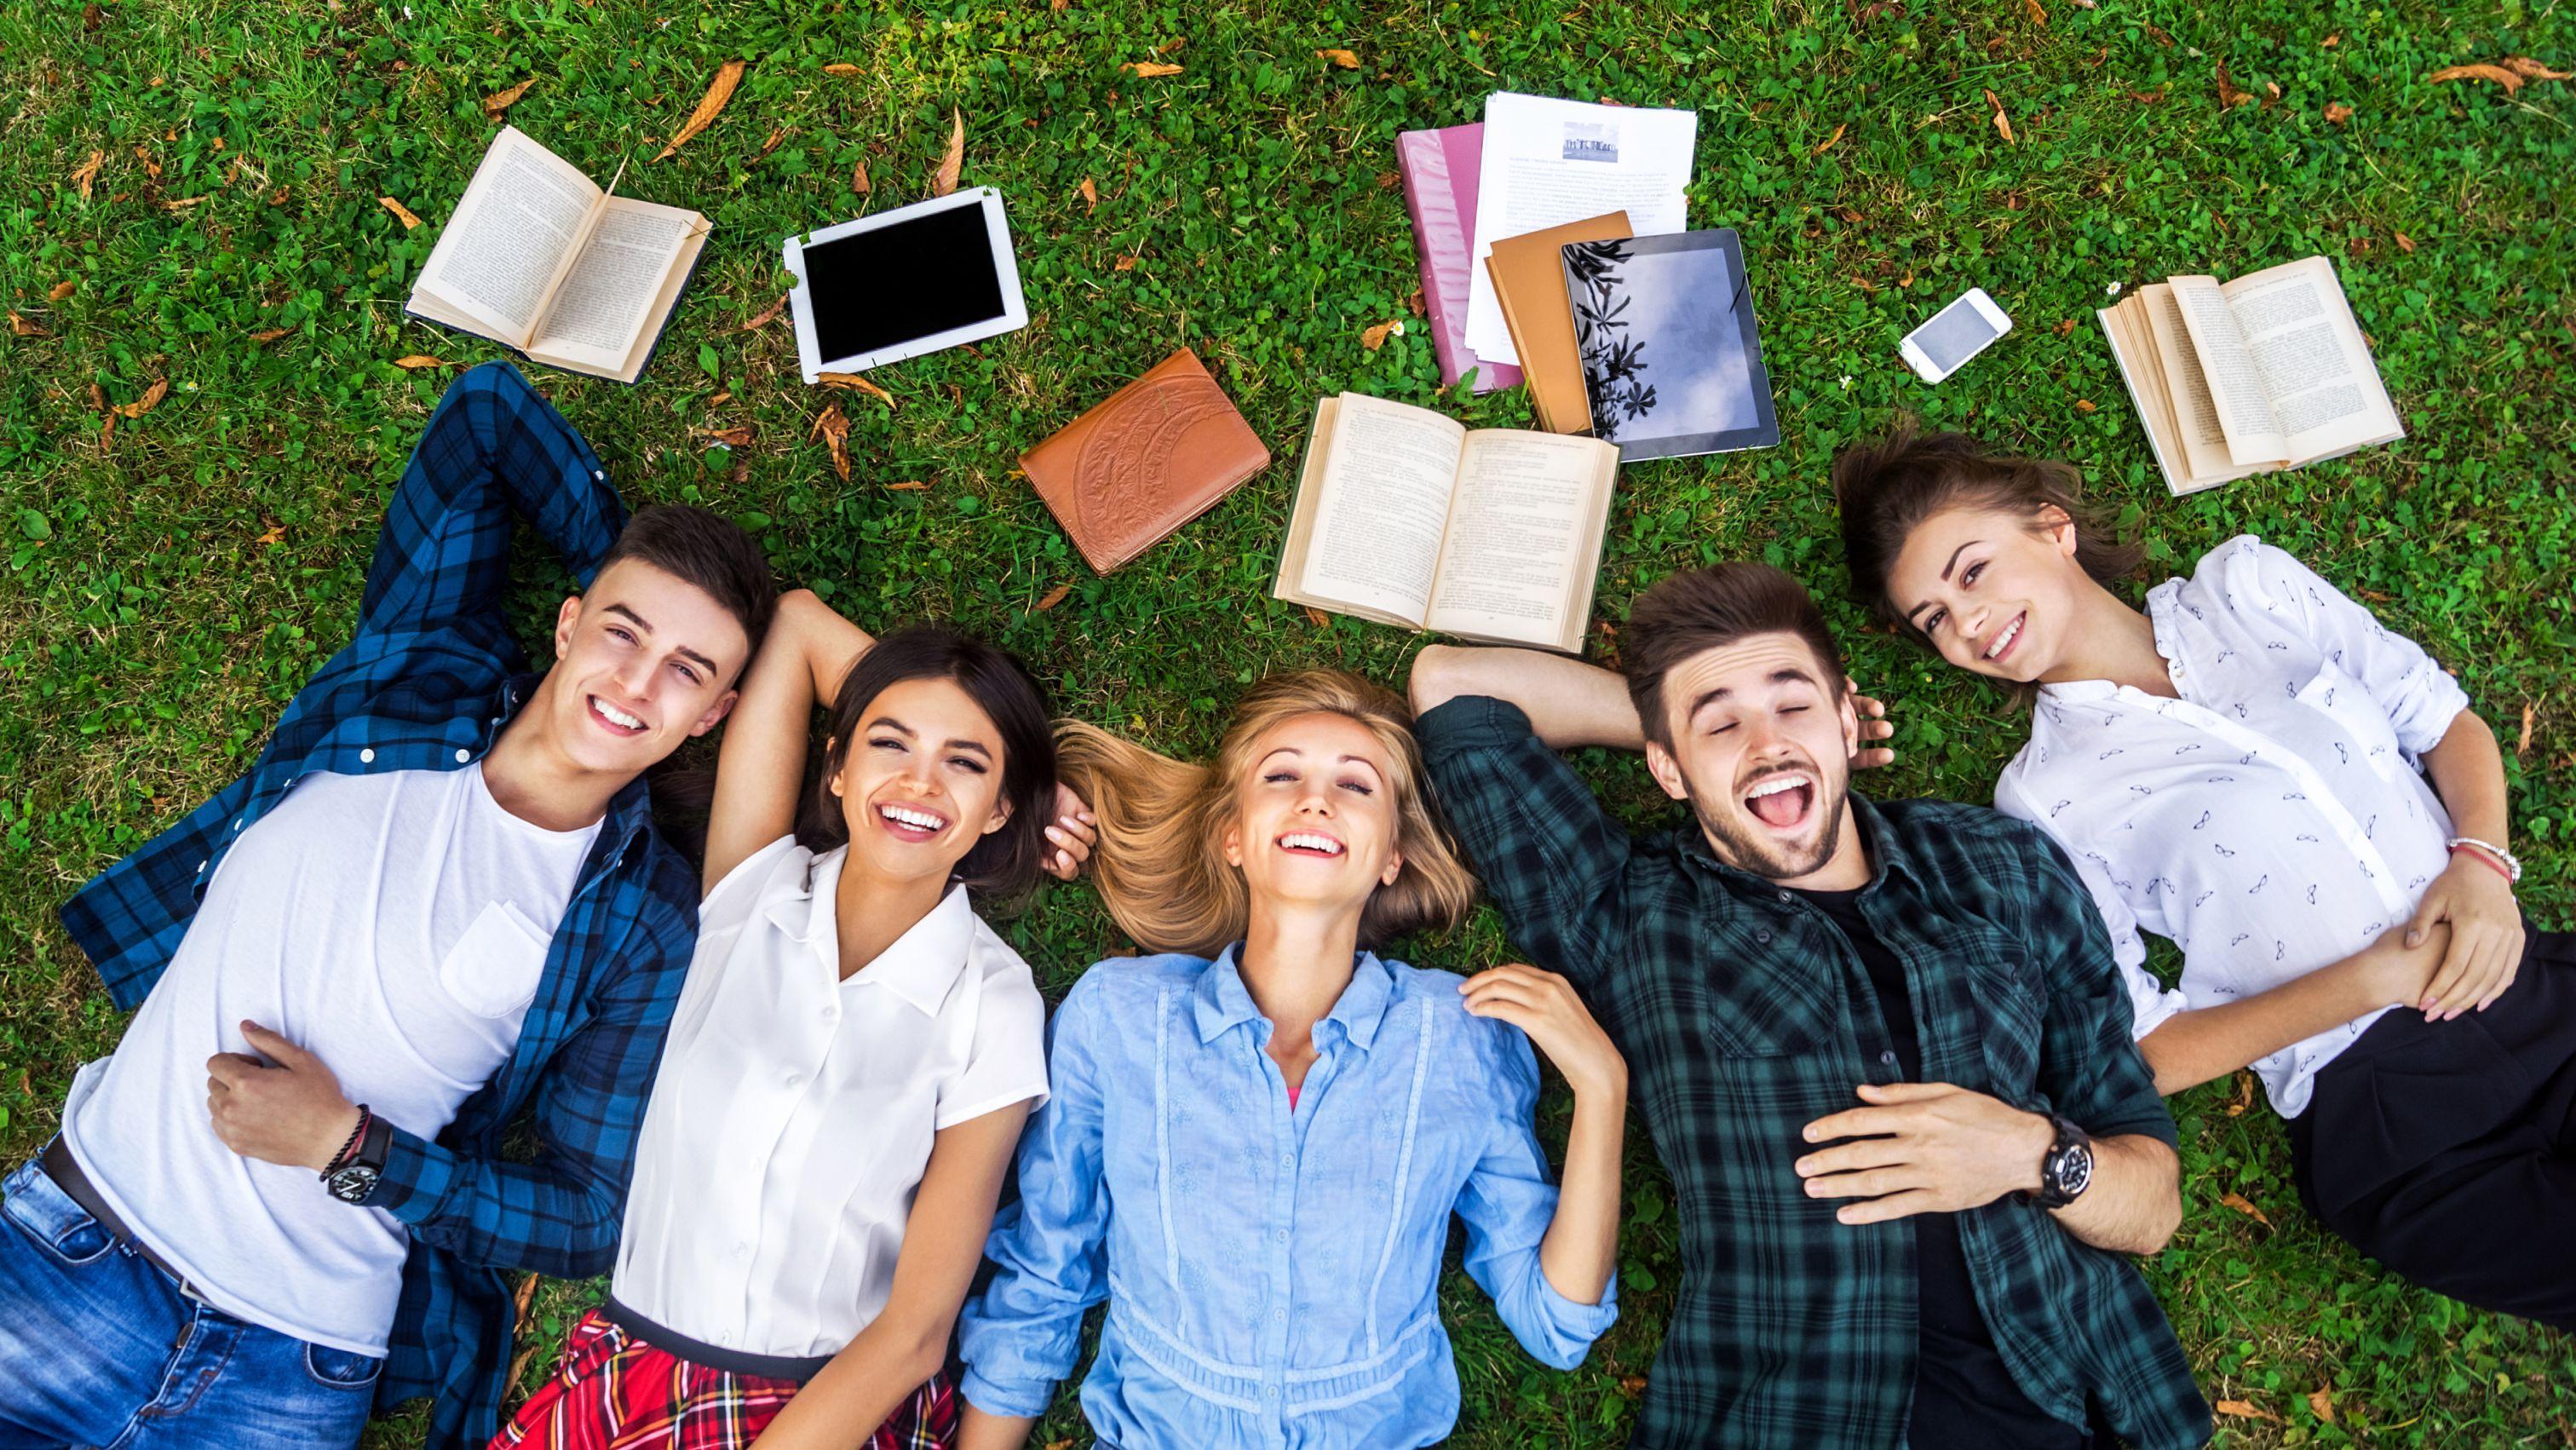 Lista najpopularniejszych kierunków studiów, możliwości zatrudnienia oraz zarobków mają niewątpliwy wpływ na decyzje młodych osób, które wybierają się na studia (fot. shutterstock)